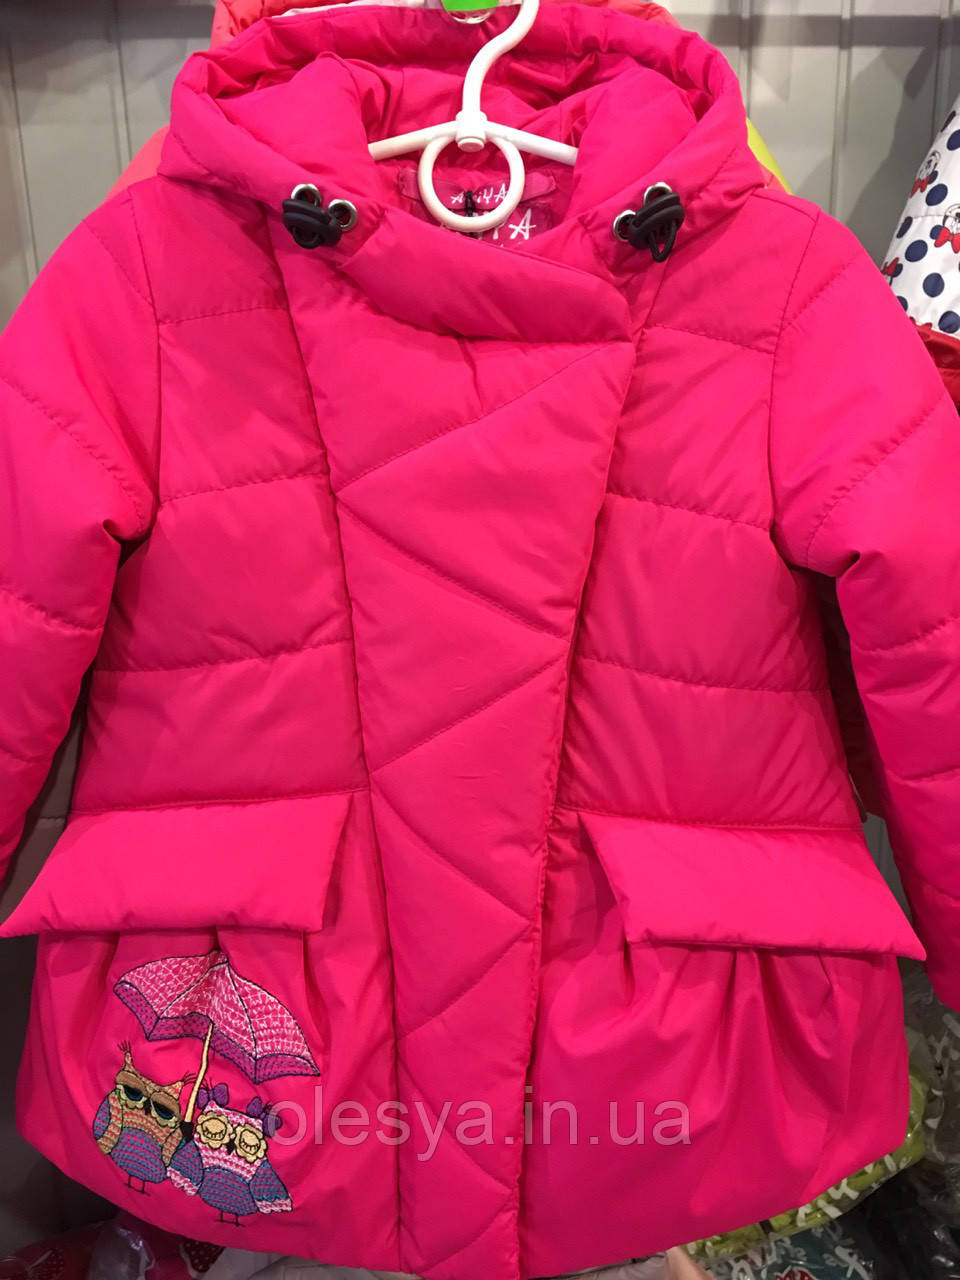 """Детская демисезонная куртка на девочку """"Совушки"""". Размеры 26 -32"""